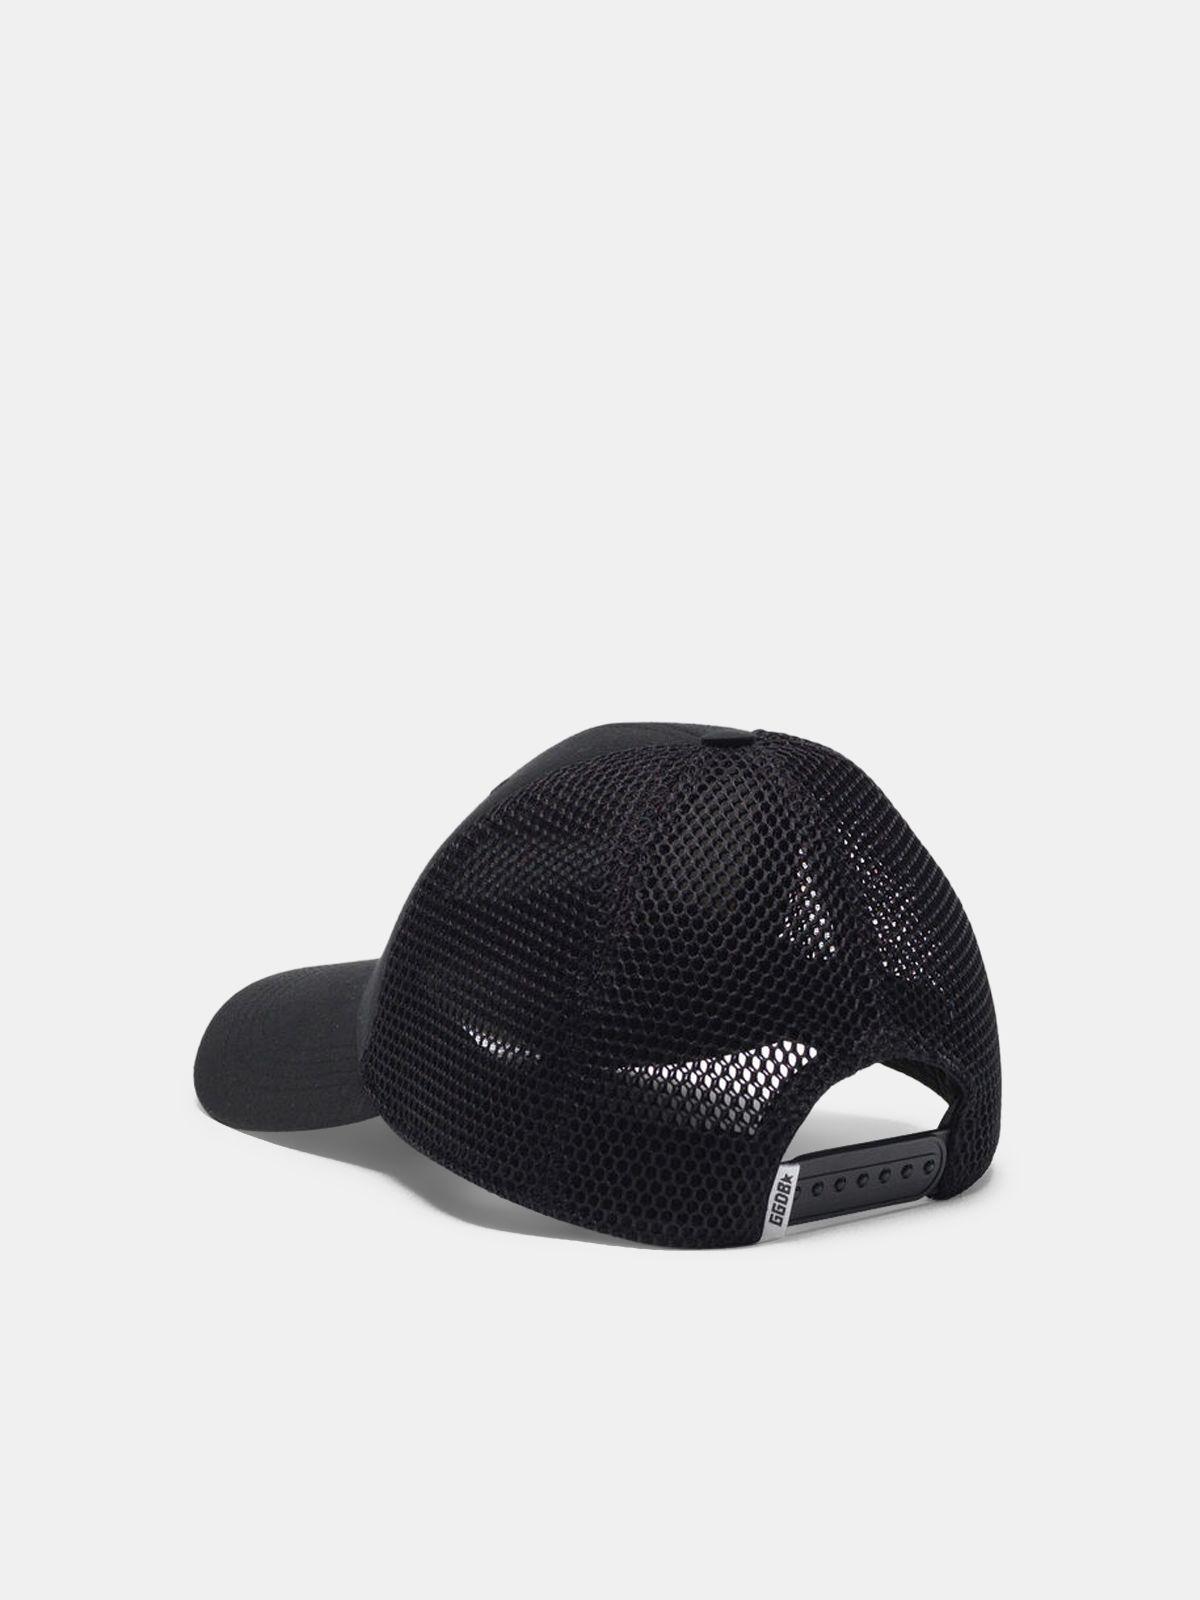 Golden Goose - Cappello Savannah da baseball nero con ricamo logo in